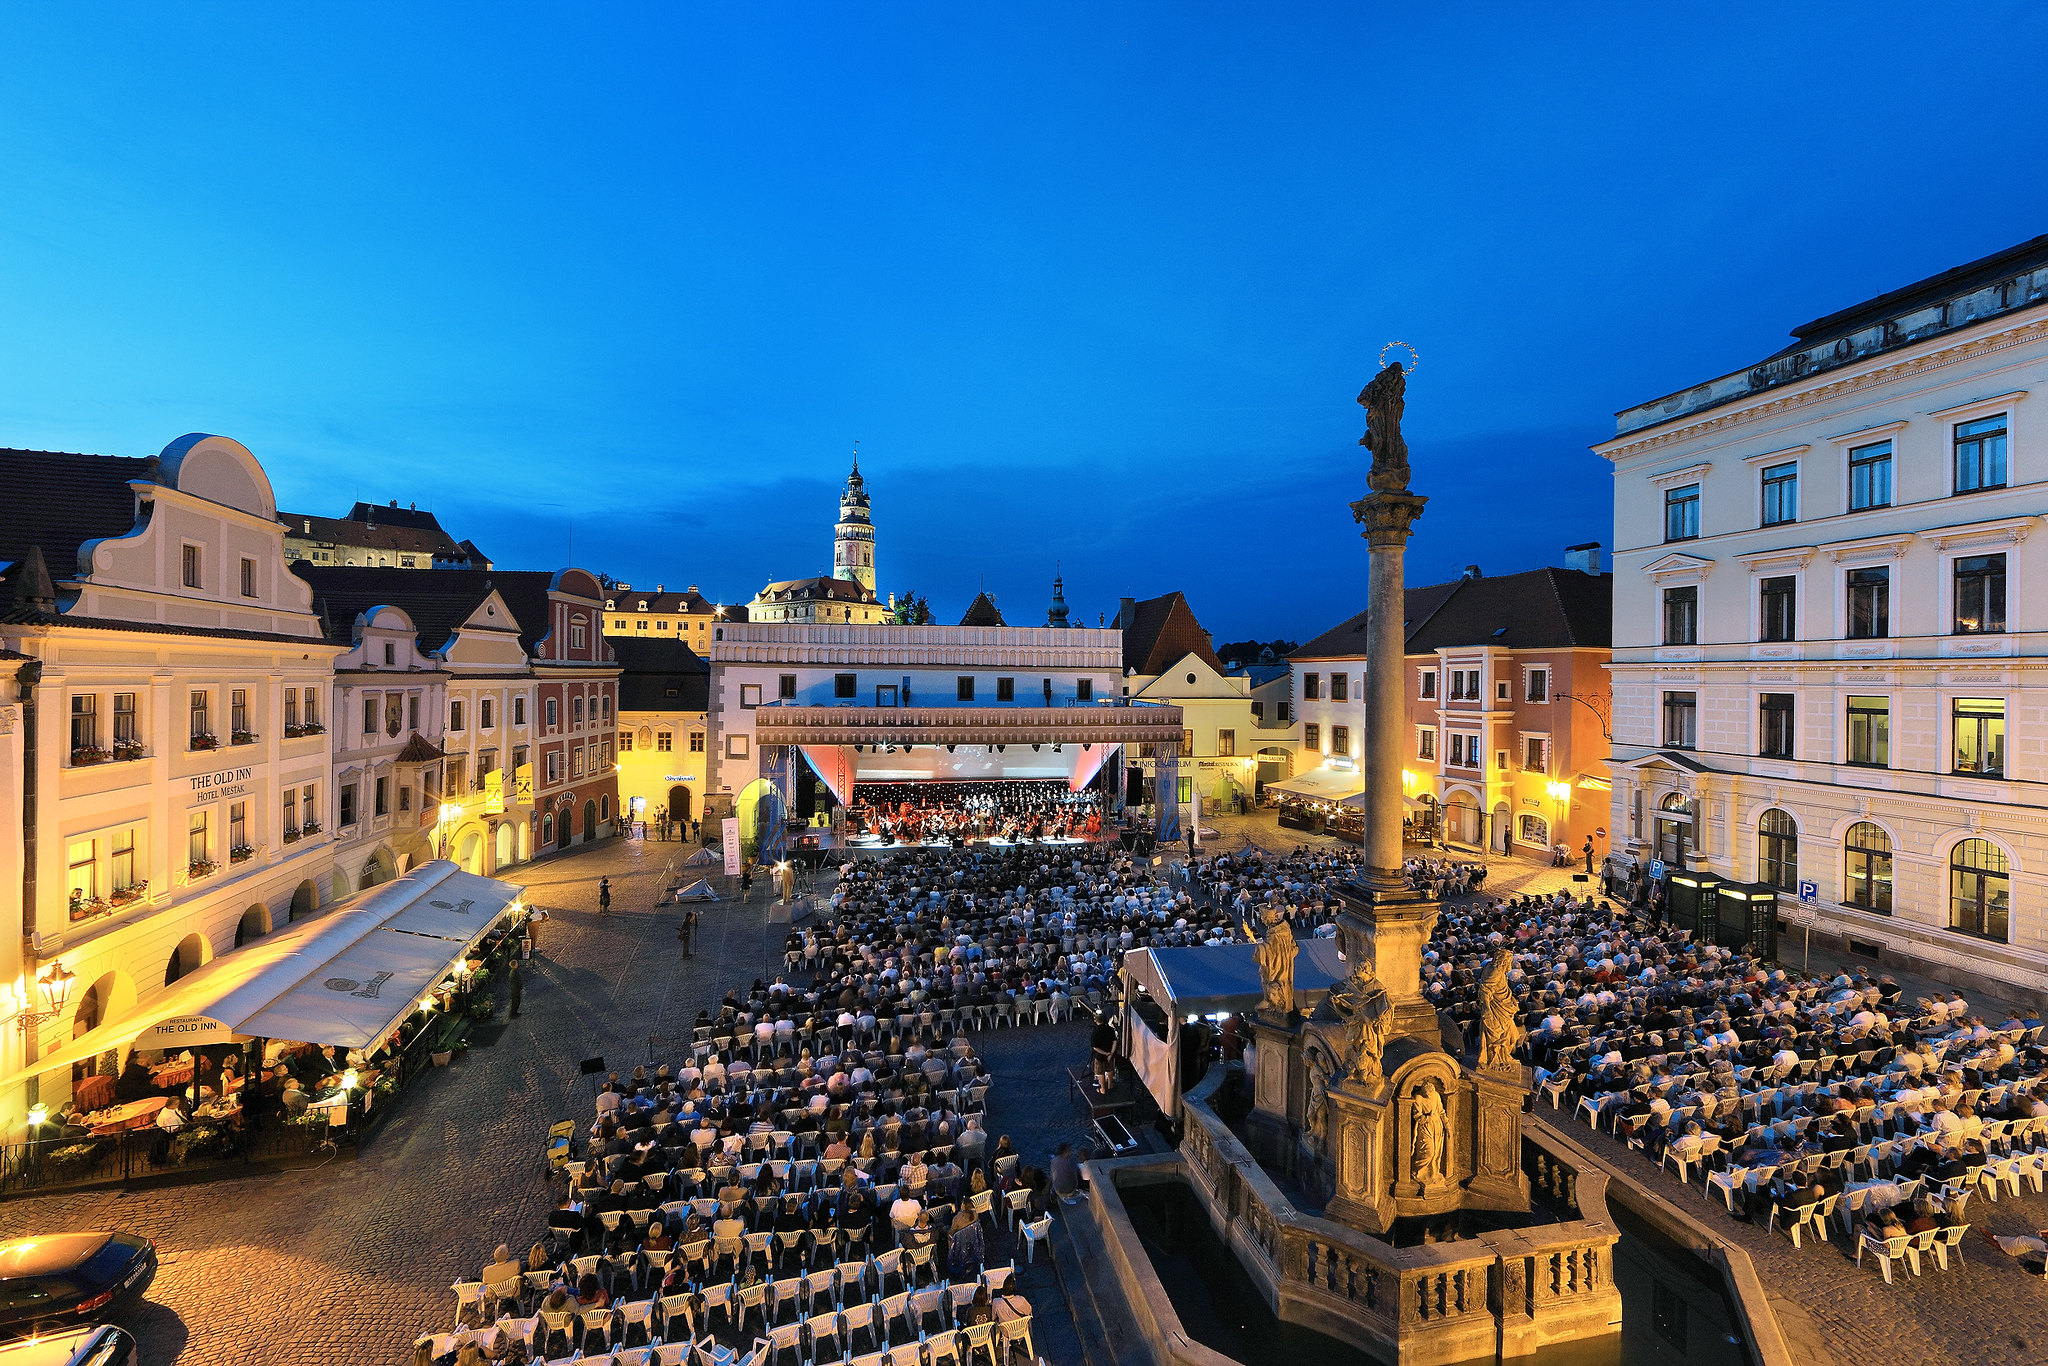 Původní termín Mezinárodního hudebního festivalu Český Krumlov se ruší. Festival však v rámci 30. ročníku přijde s novým programem a konceptem